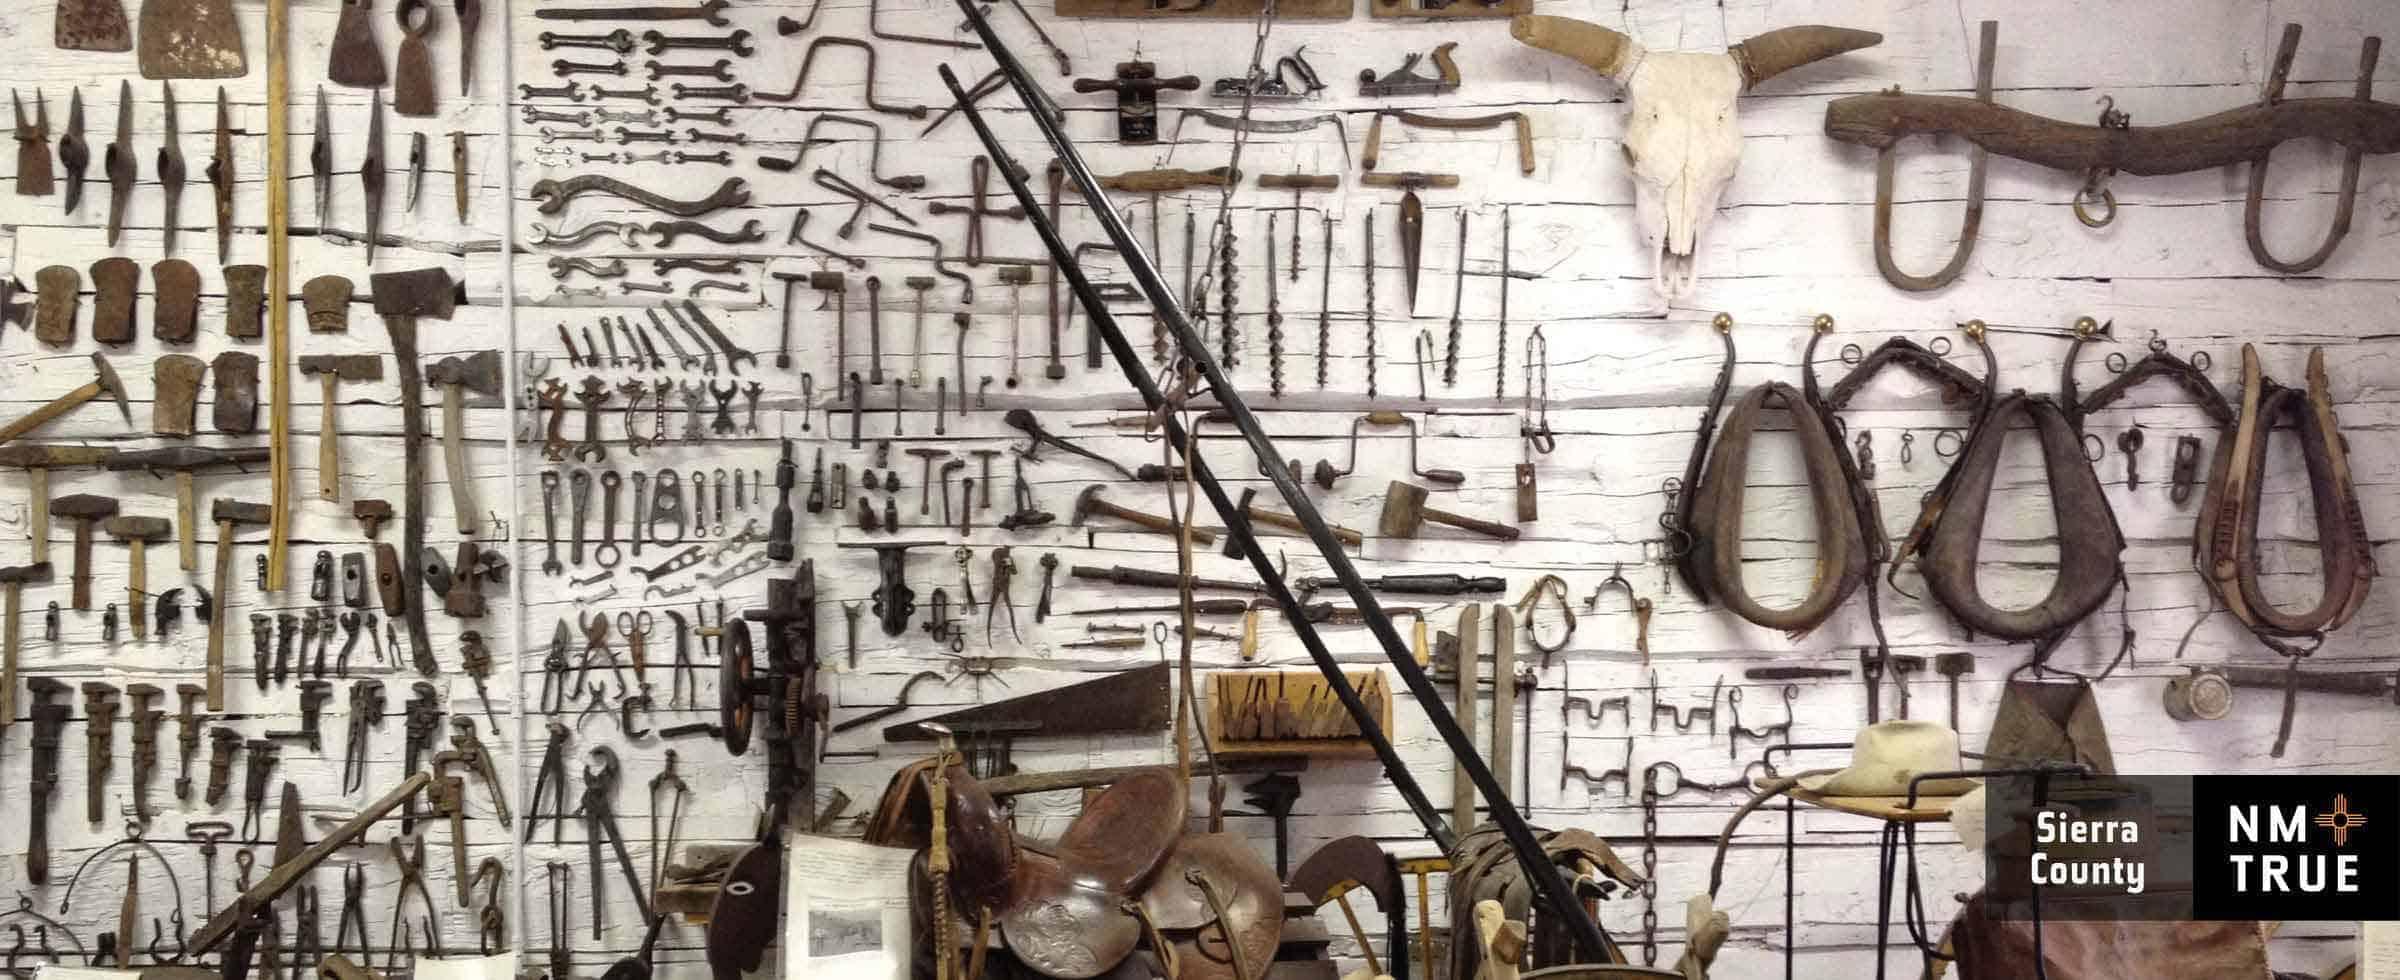 Pioneer Store Museum, Chloride NM